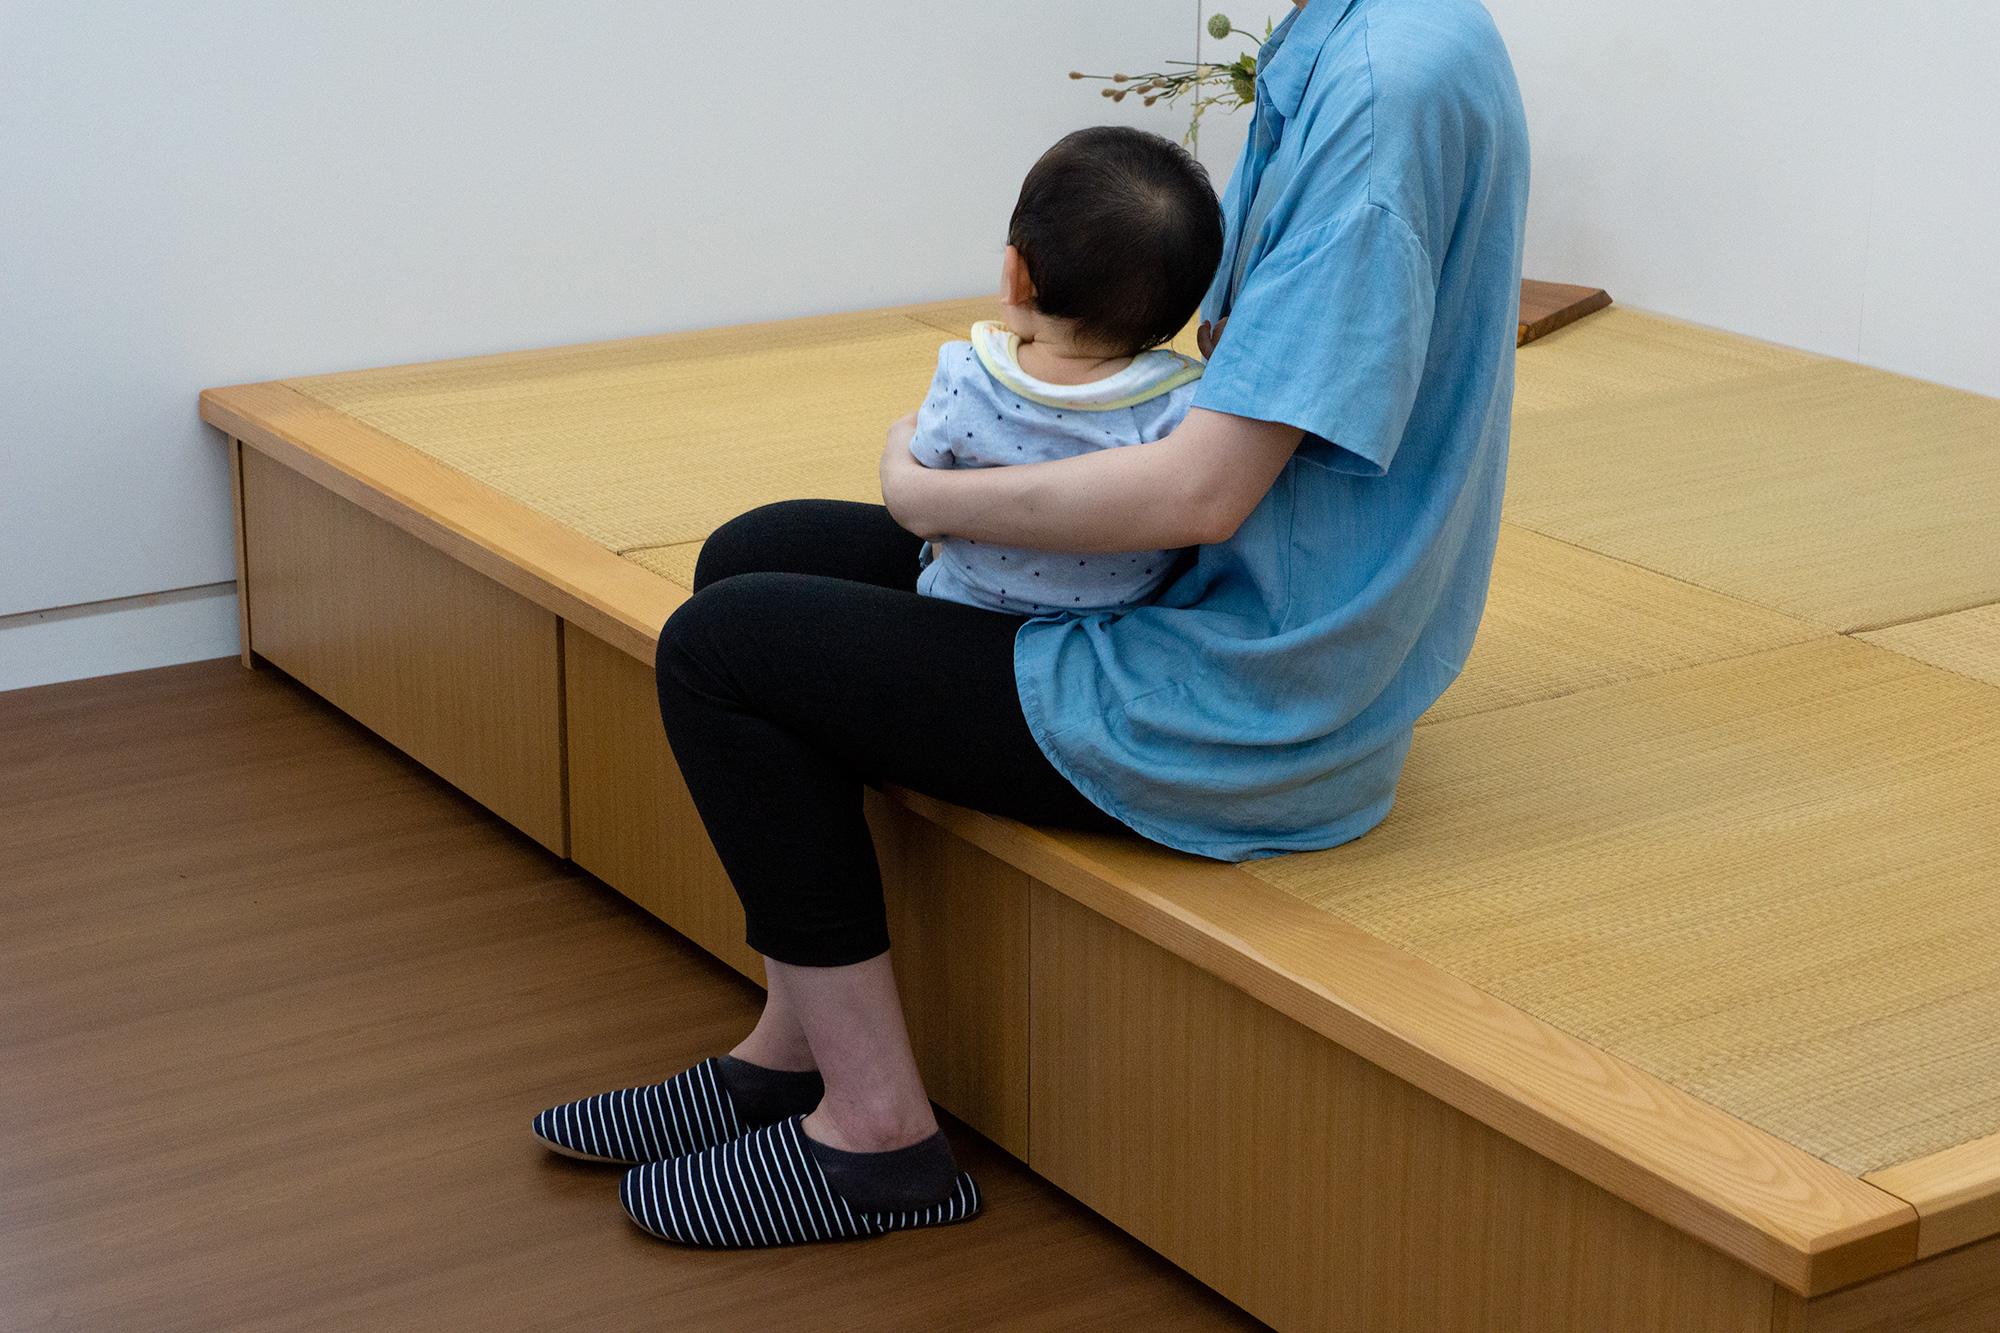 畳ユニットに腰掛けている婦人